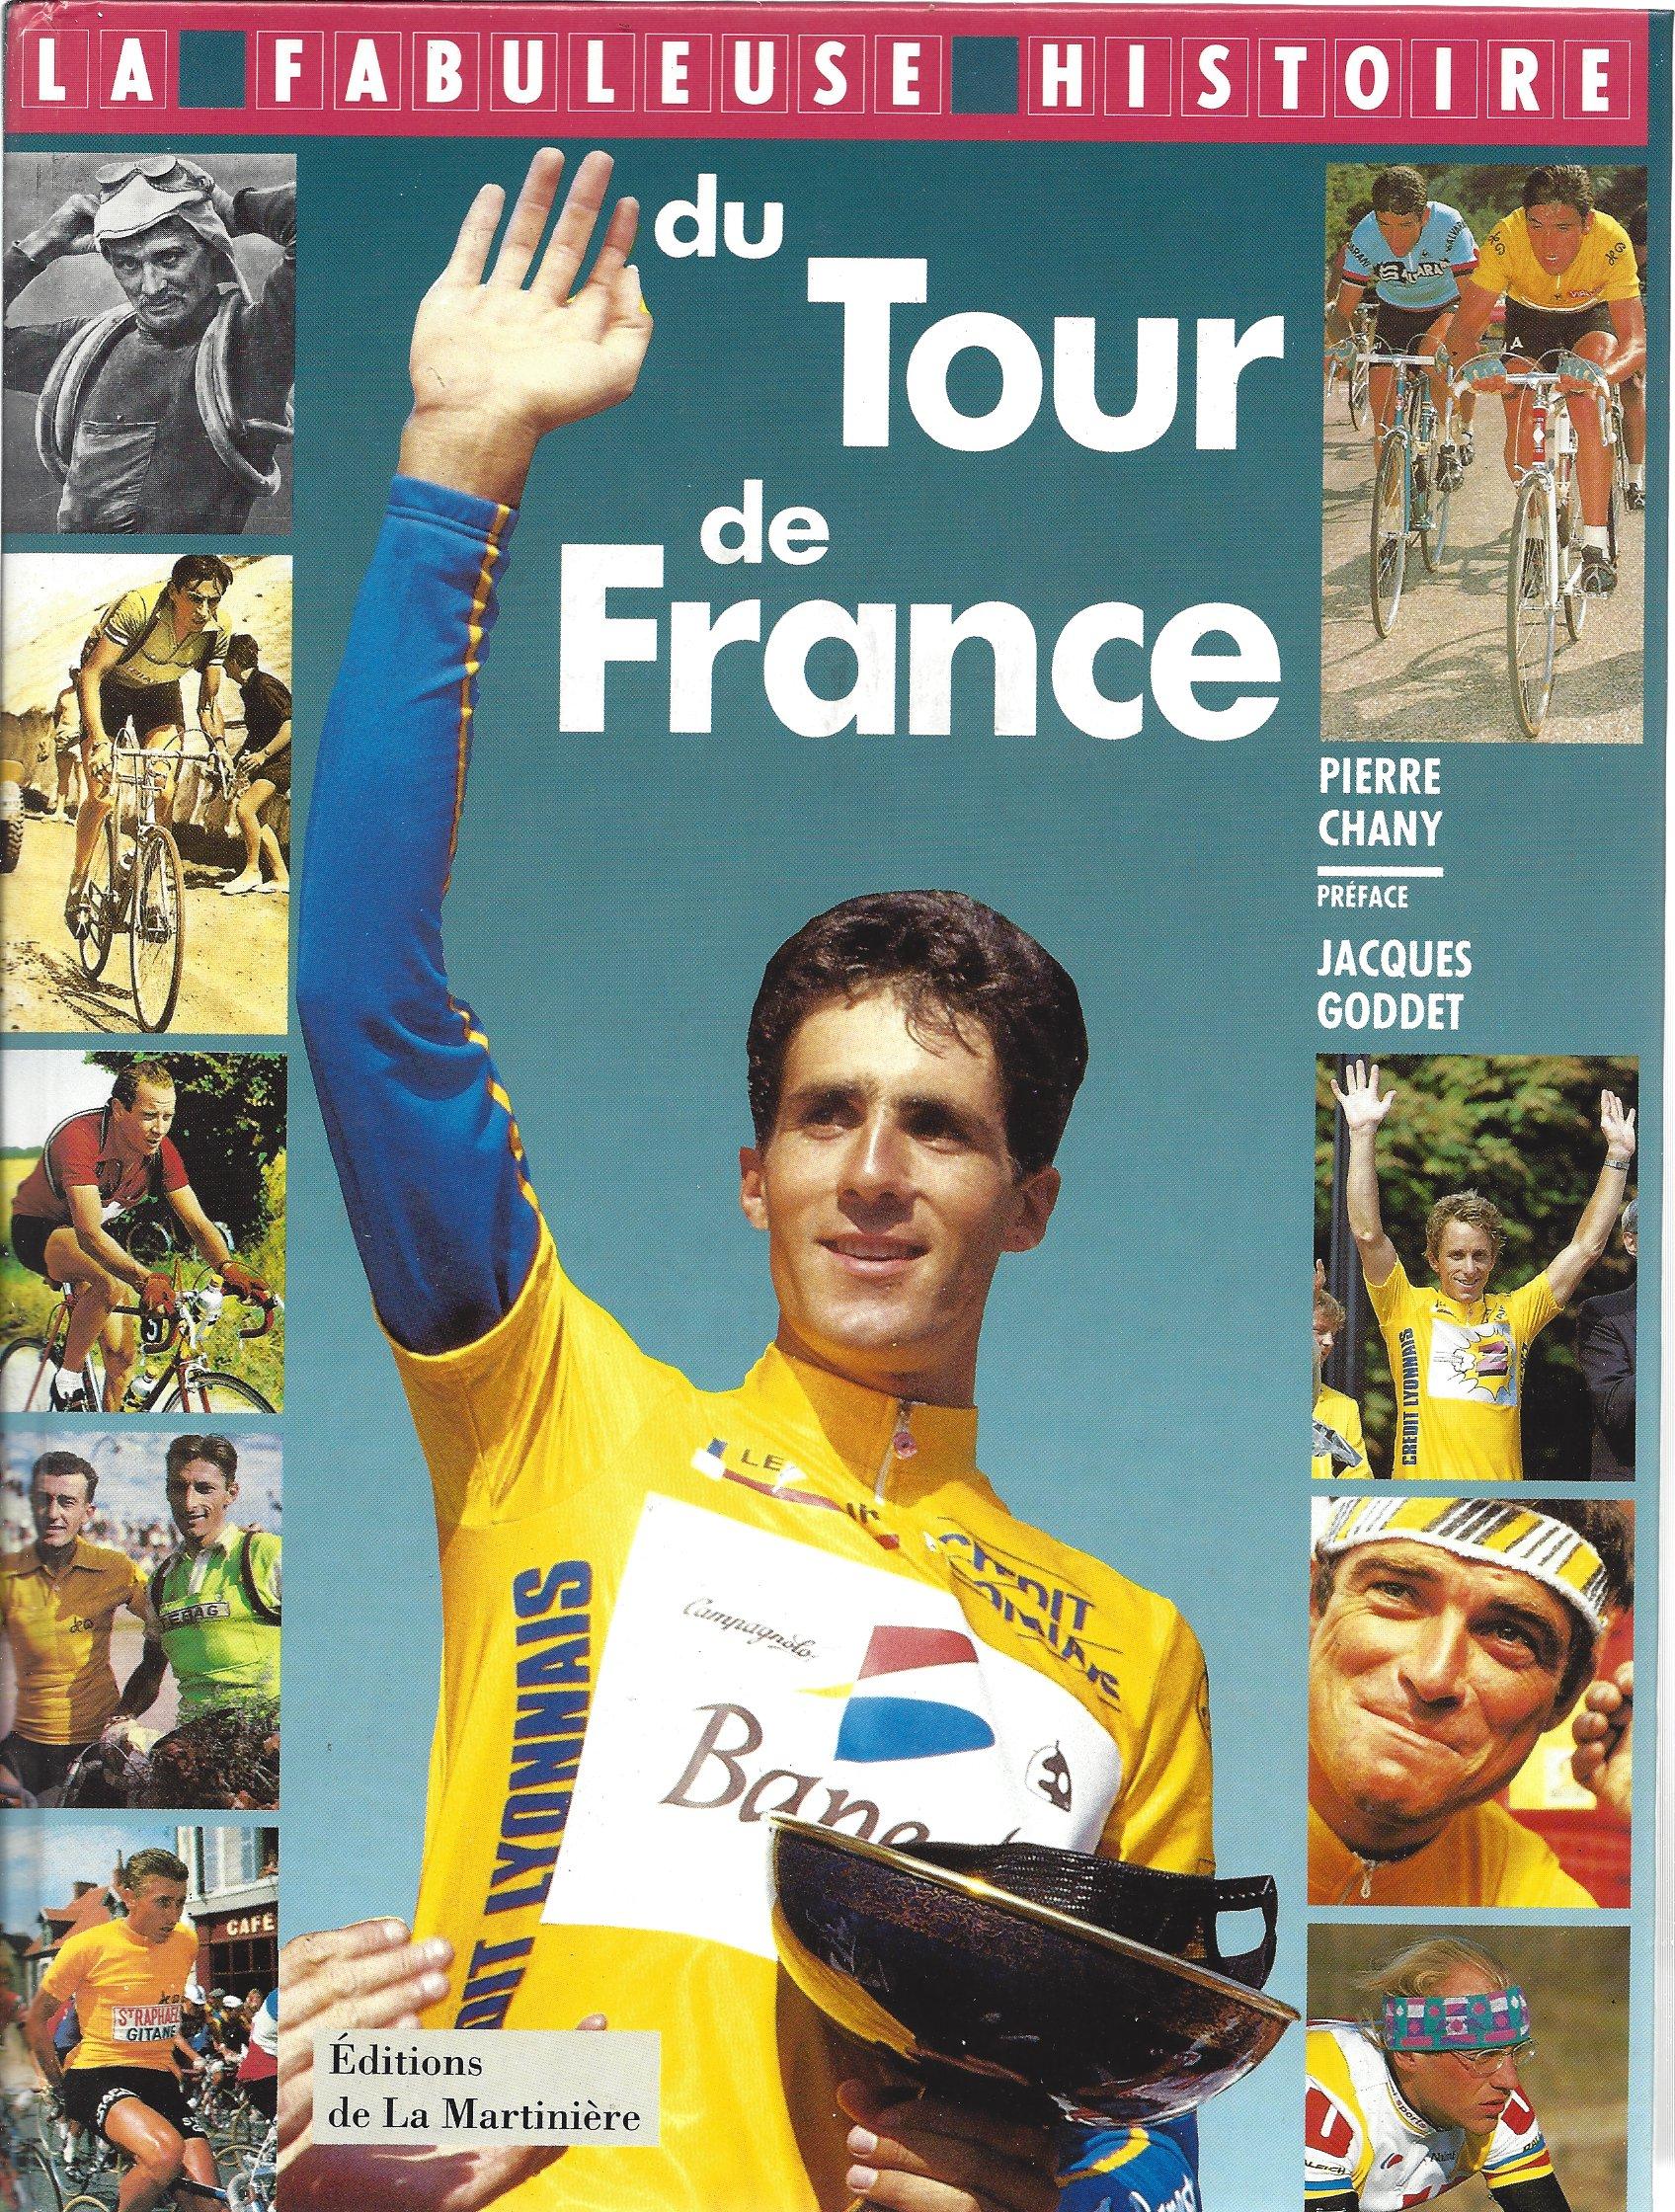 La fabuleuse histoire du Tour de France - Pierre Chany